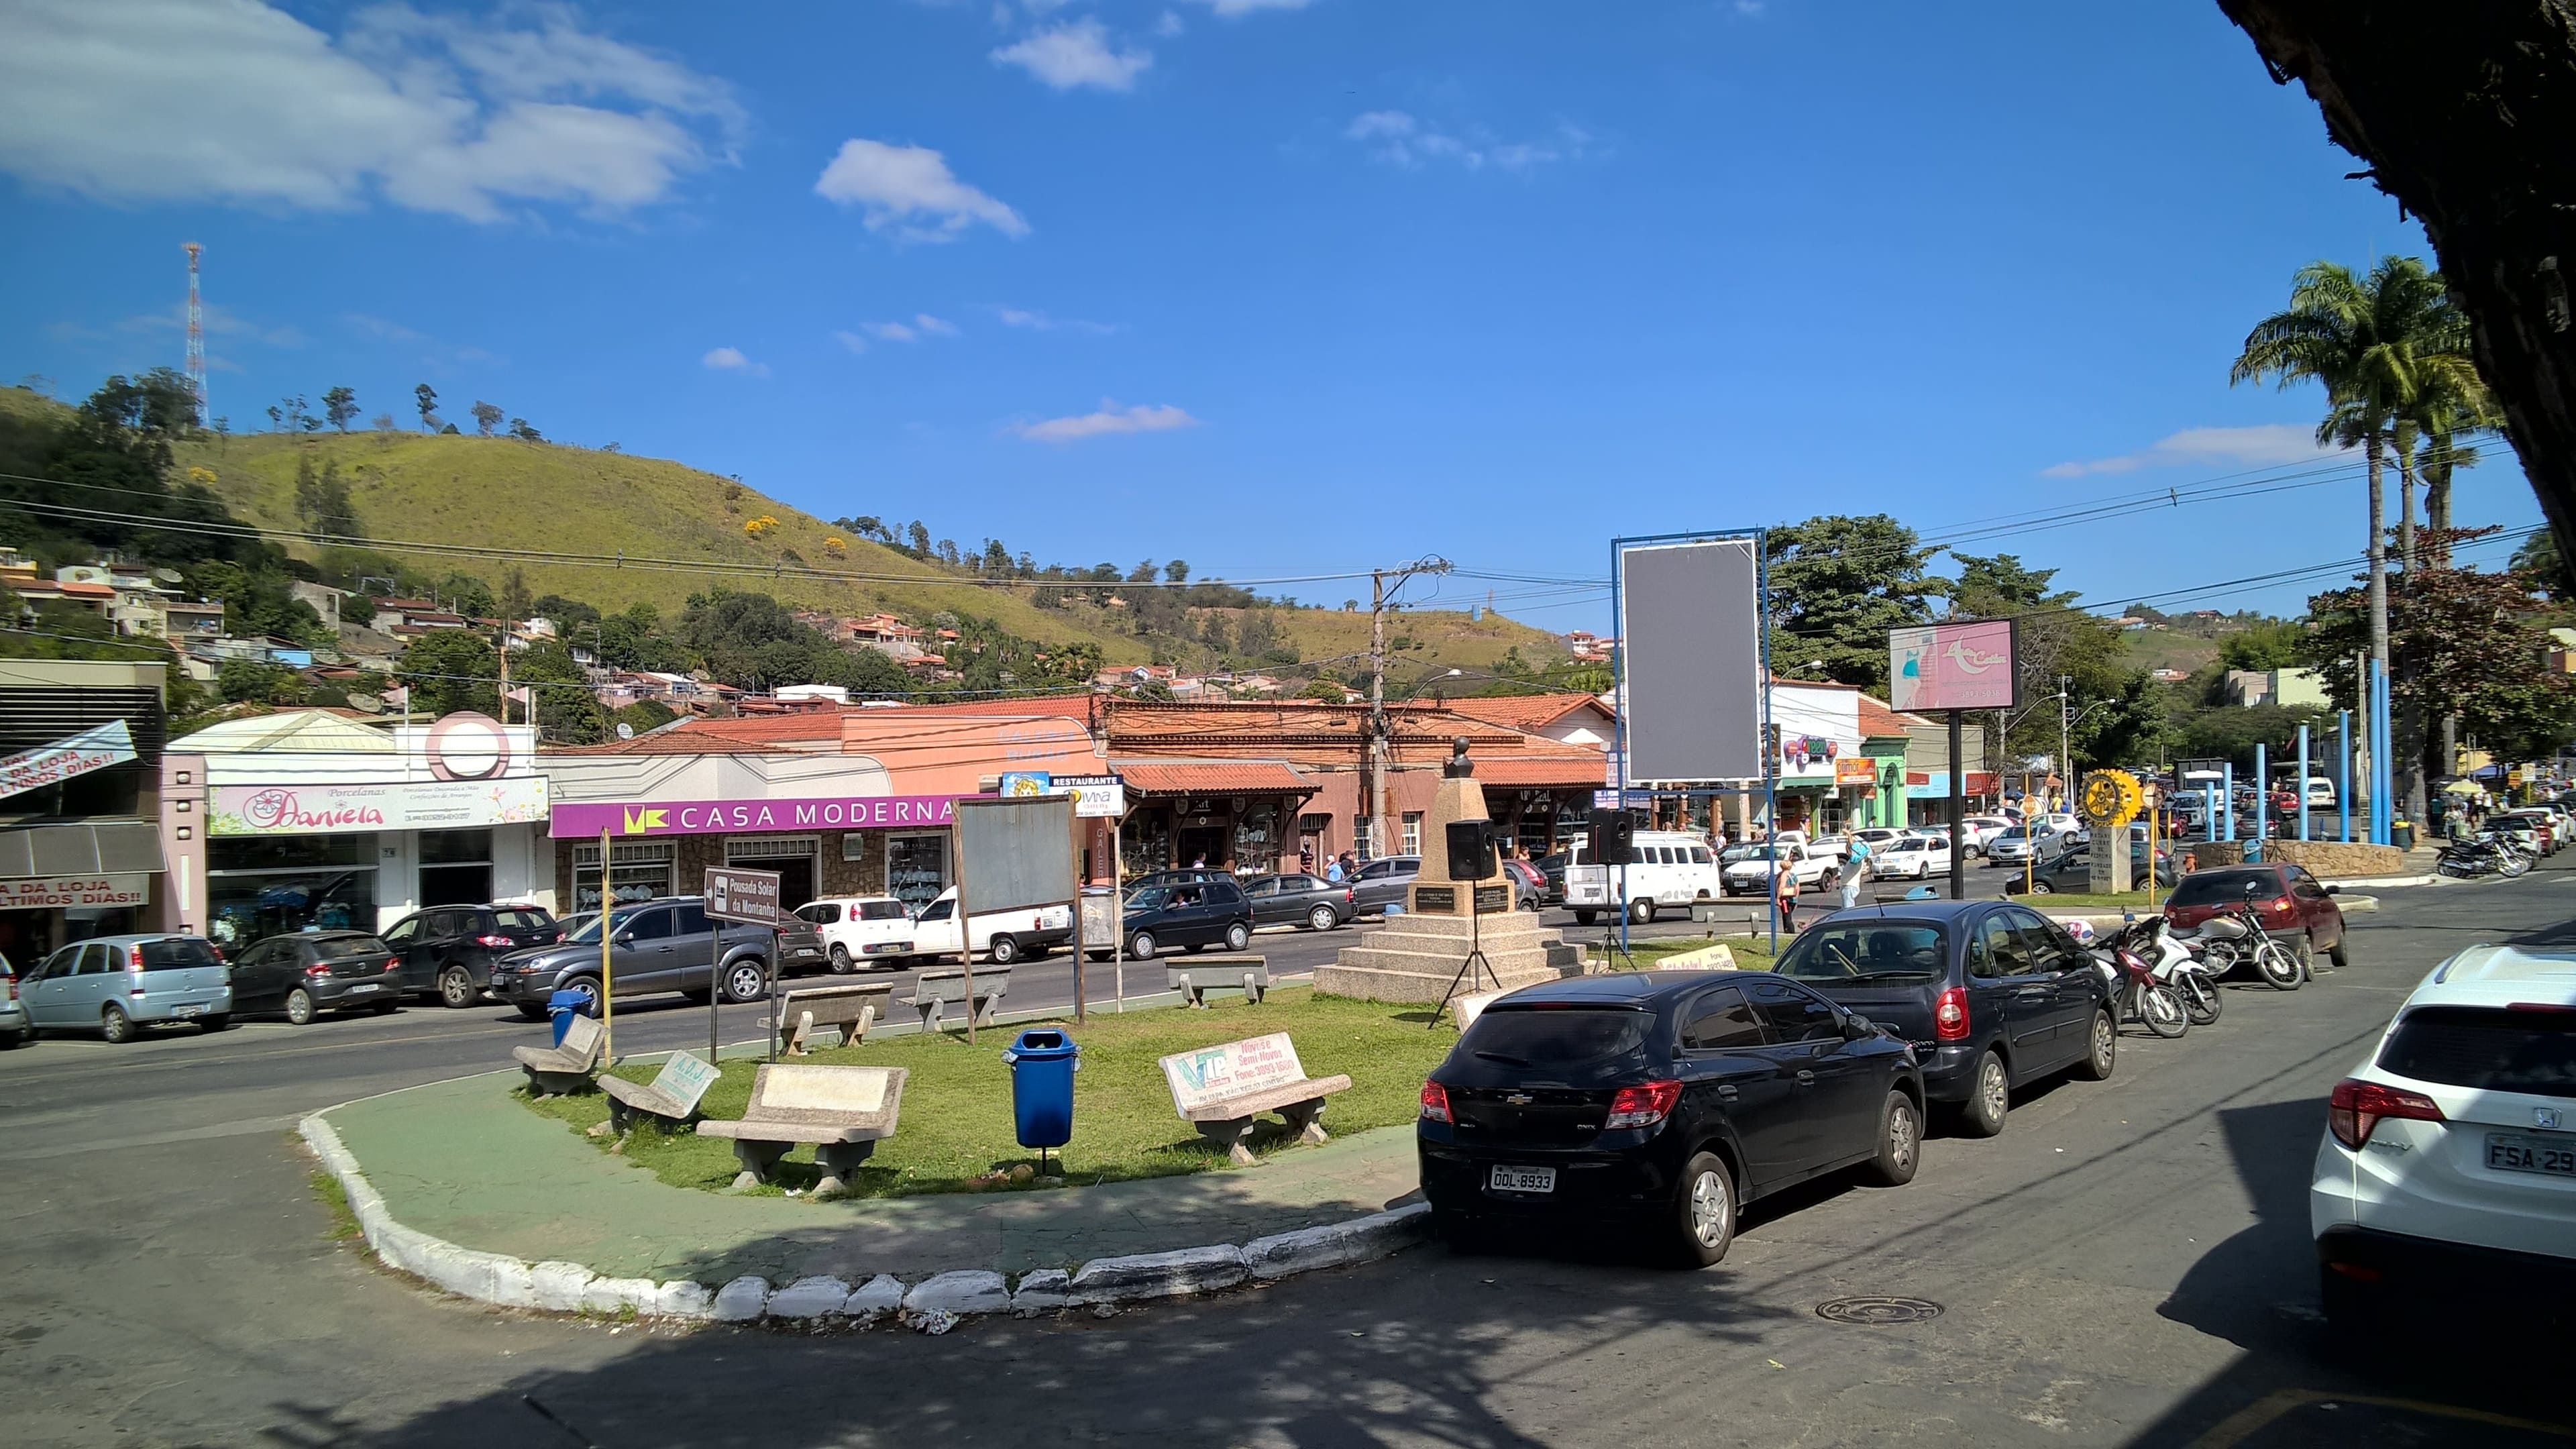 Imagens das lojas que existem na cidade para auxiliar esses empreendedores a escolherem um escritório de contabilidade em Pedreira